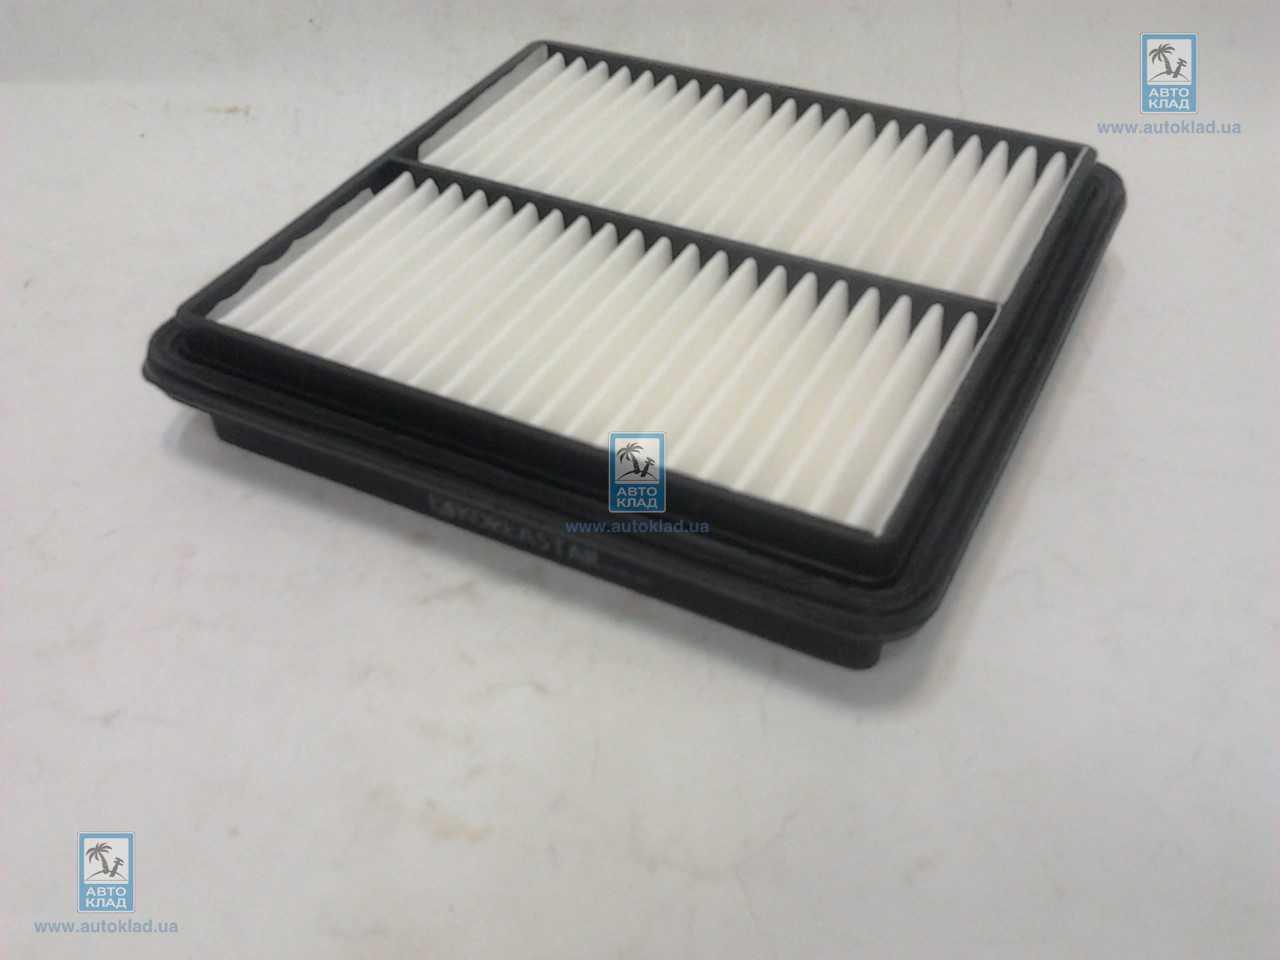 Фильтр воздушный KOREASTAR KFAD007